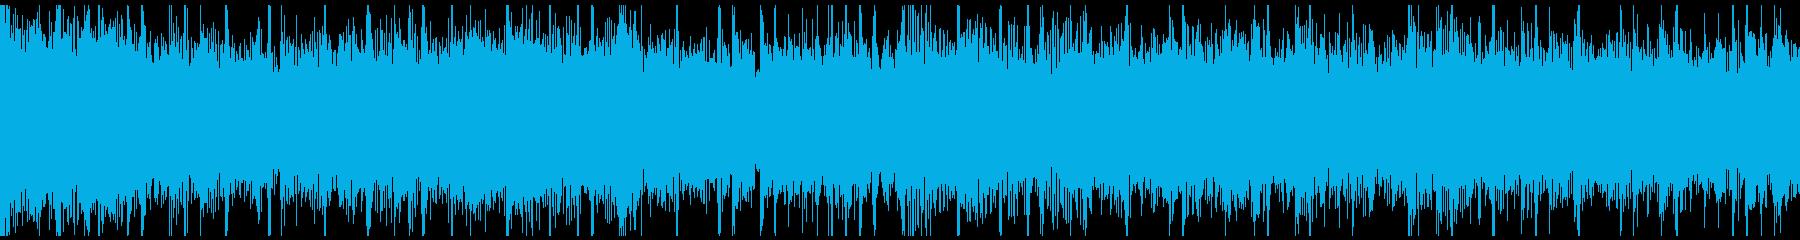 ロックテイストの歌い出しに使えそうな曲の再生済みの波形